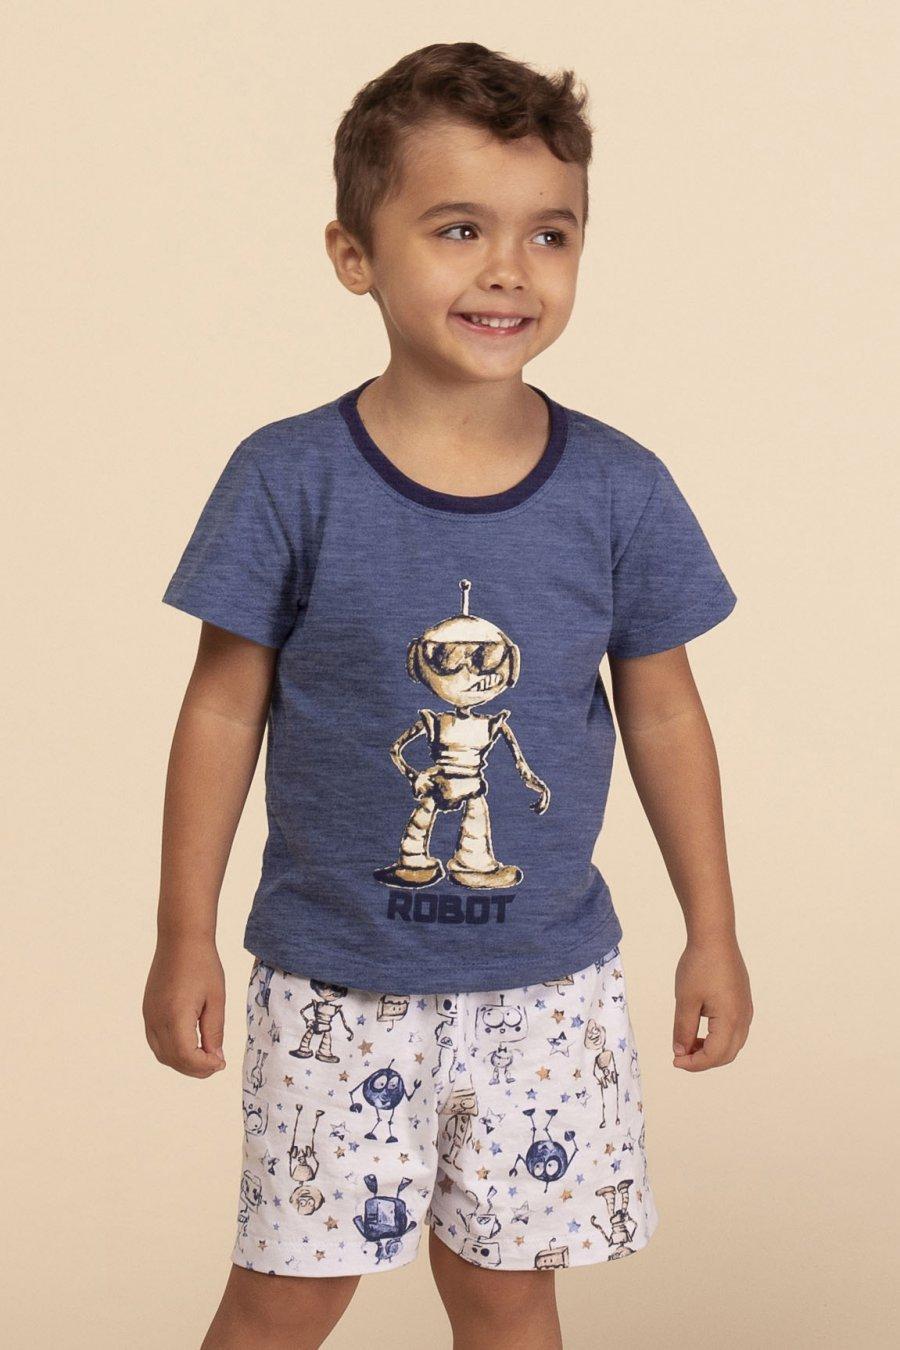 PROMO Pijama Baby 1/2 Malha Robot Happy Moments Verão MDS